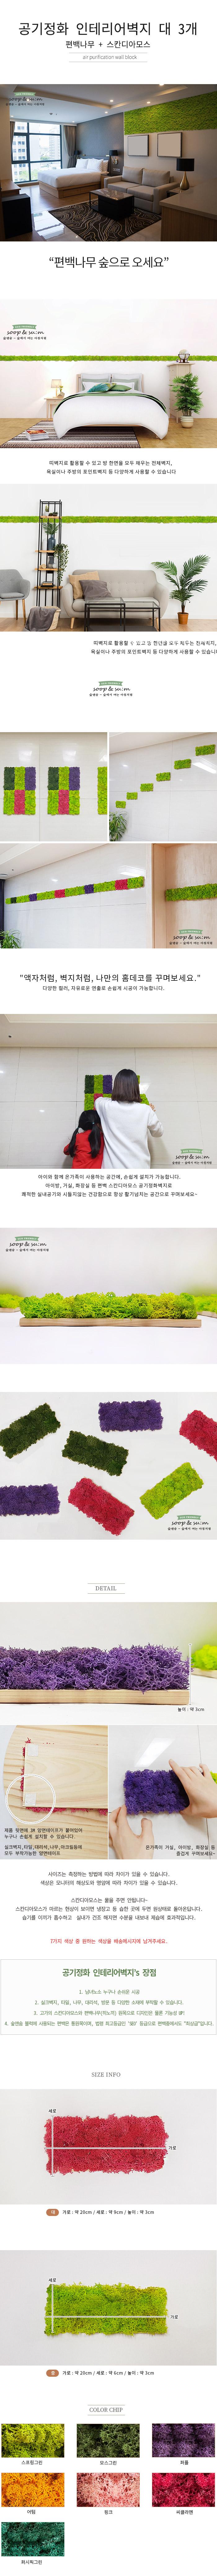 편백 스칸디아모스 포인트벽지 - 손쉬운 블럭형 DIY X 3개 - 숲앤숨, 34,290원, 장식/부자재, 벽장식